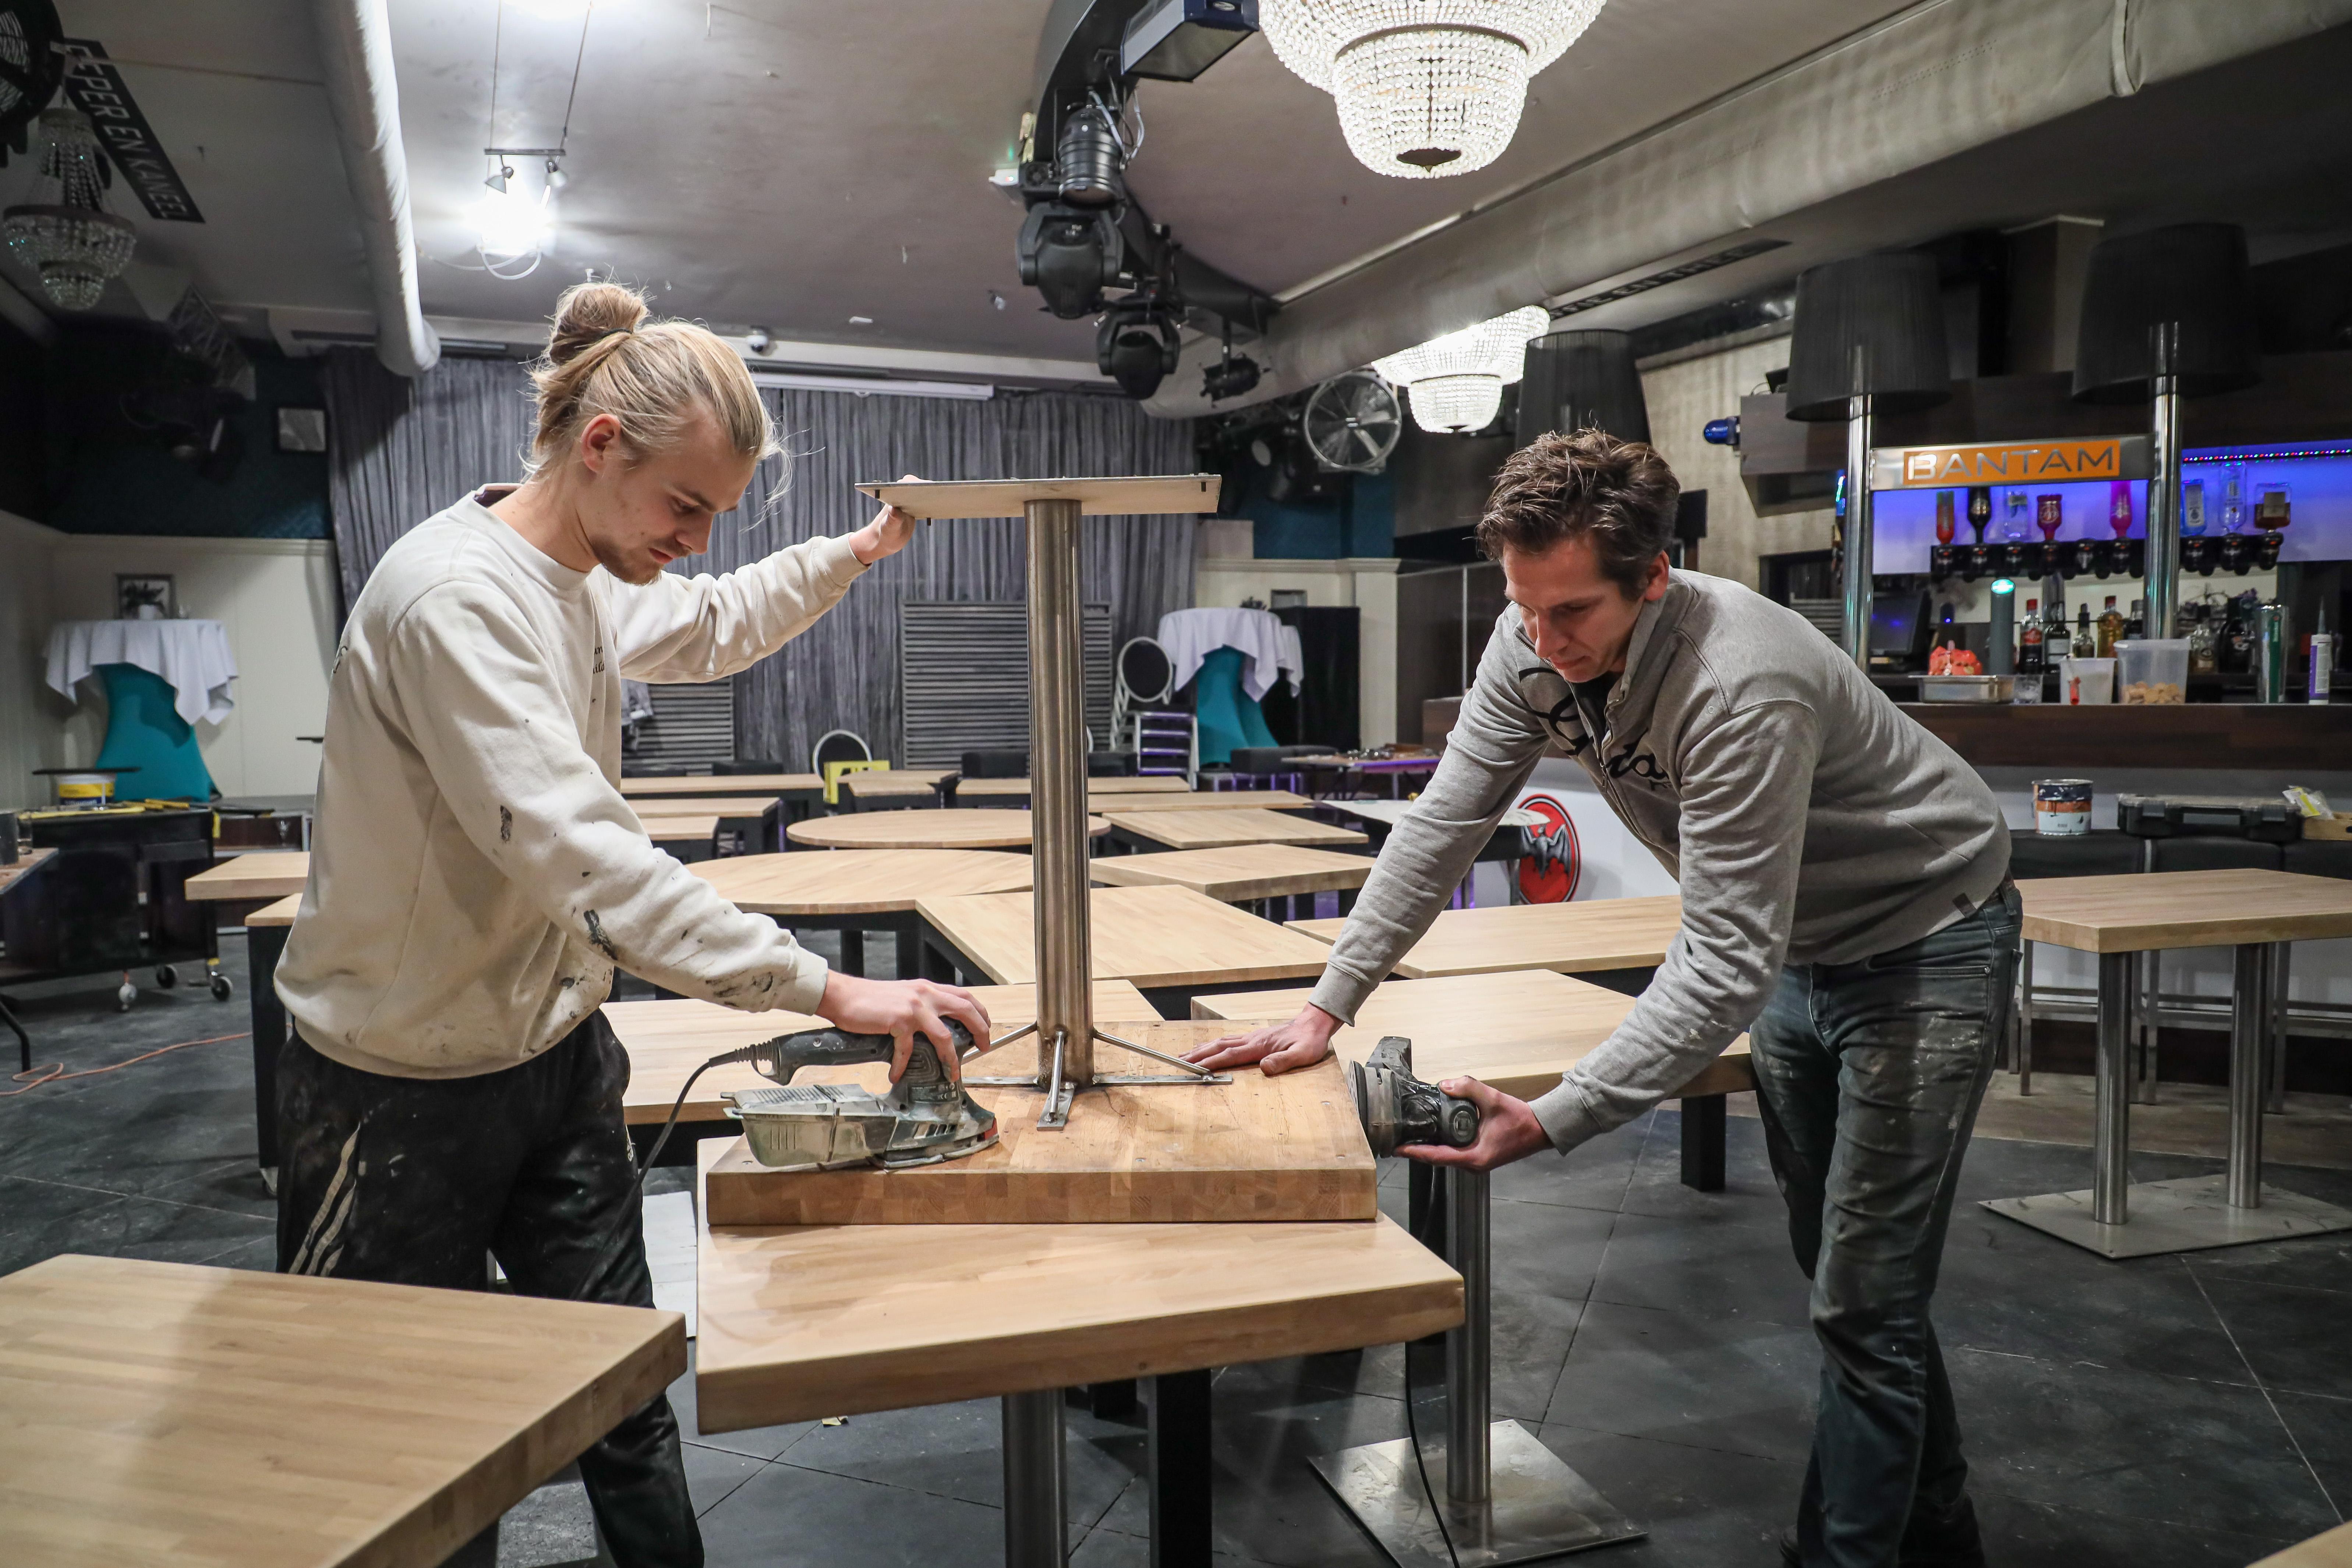 Zijn restaurants zijn dicht, maar Pieter Krijnzen weigert stil te gaan zitten: 'Dan knappen we alles meteen op'